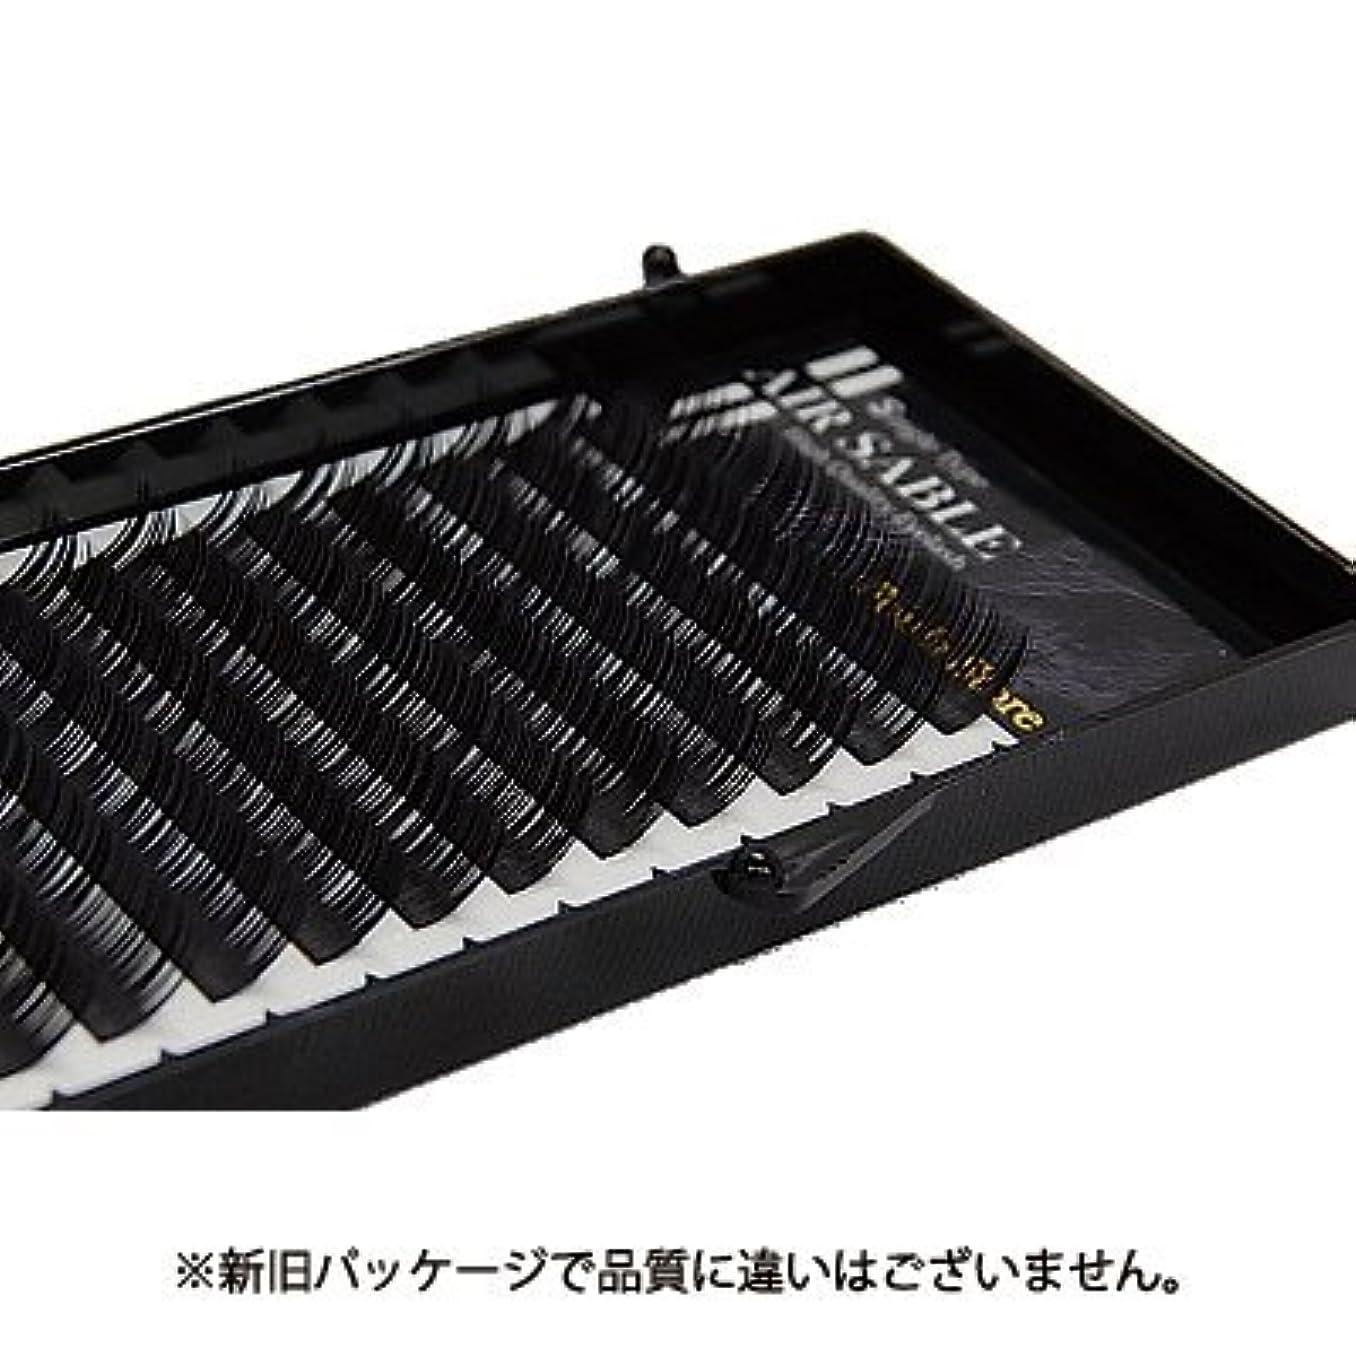 タイムリーな表現クランプ【フーラ】エアーセーブル シート 12列 Cカール 10mm×0.15mm